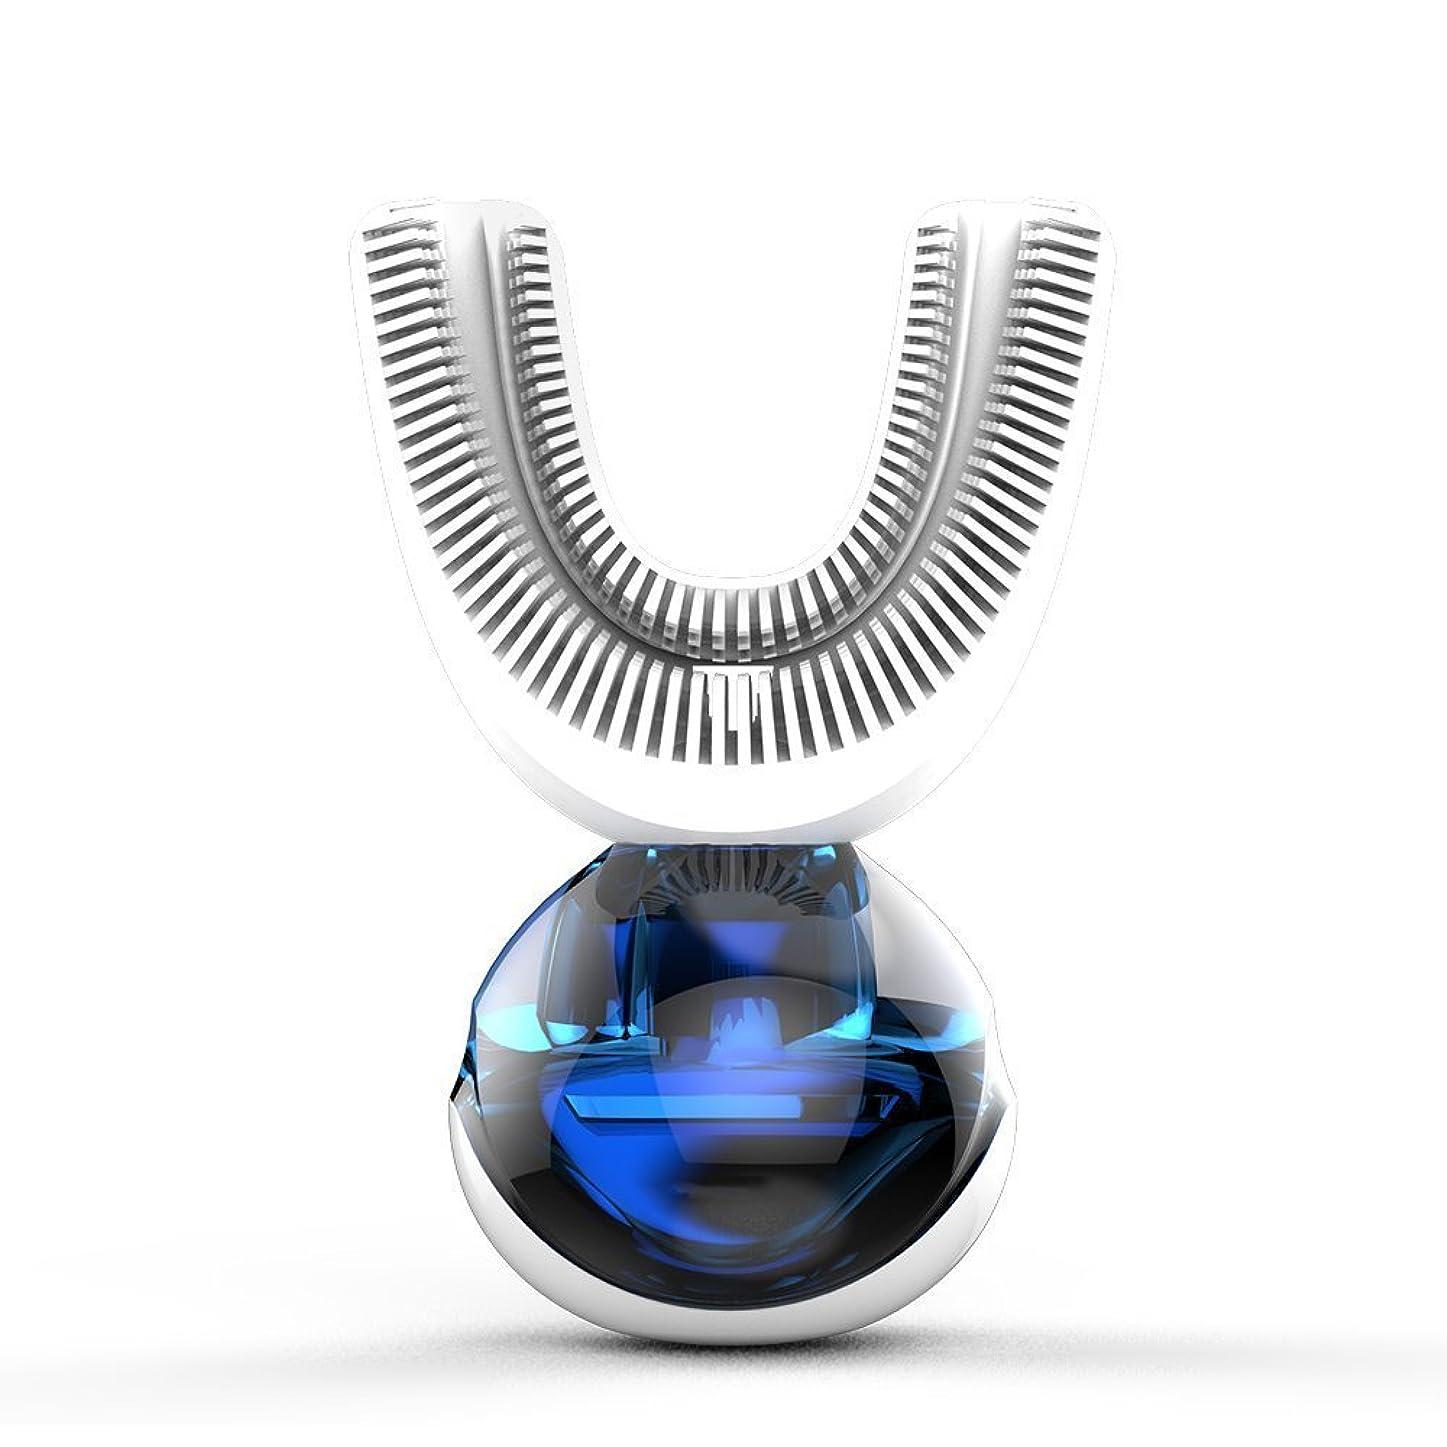 懐疑論シャッターパズルフルオートマチック可変周波数電動歯ブラシ、自動360度U字型電動歯ブラシ、ワイヤレス充電IPX7防水自動歯ブラシ(大人用)